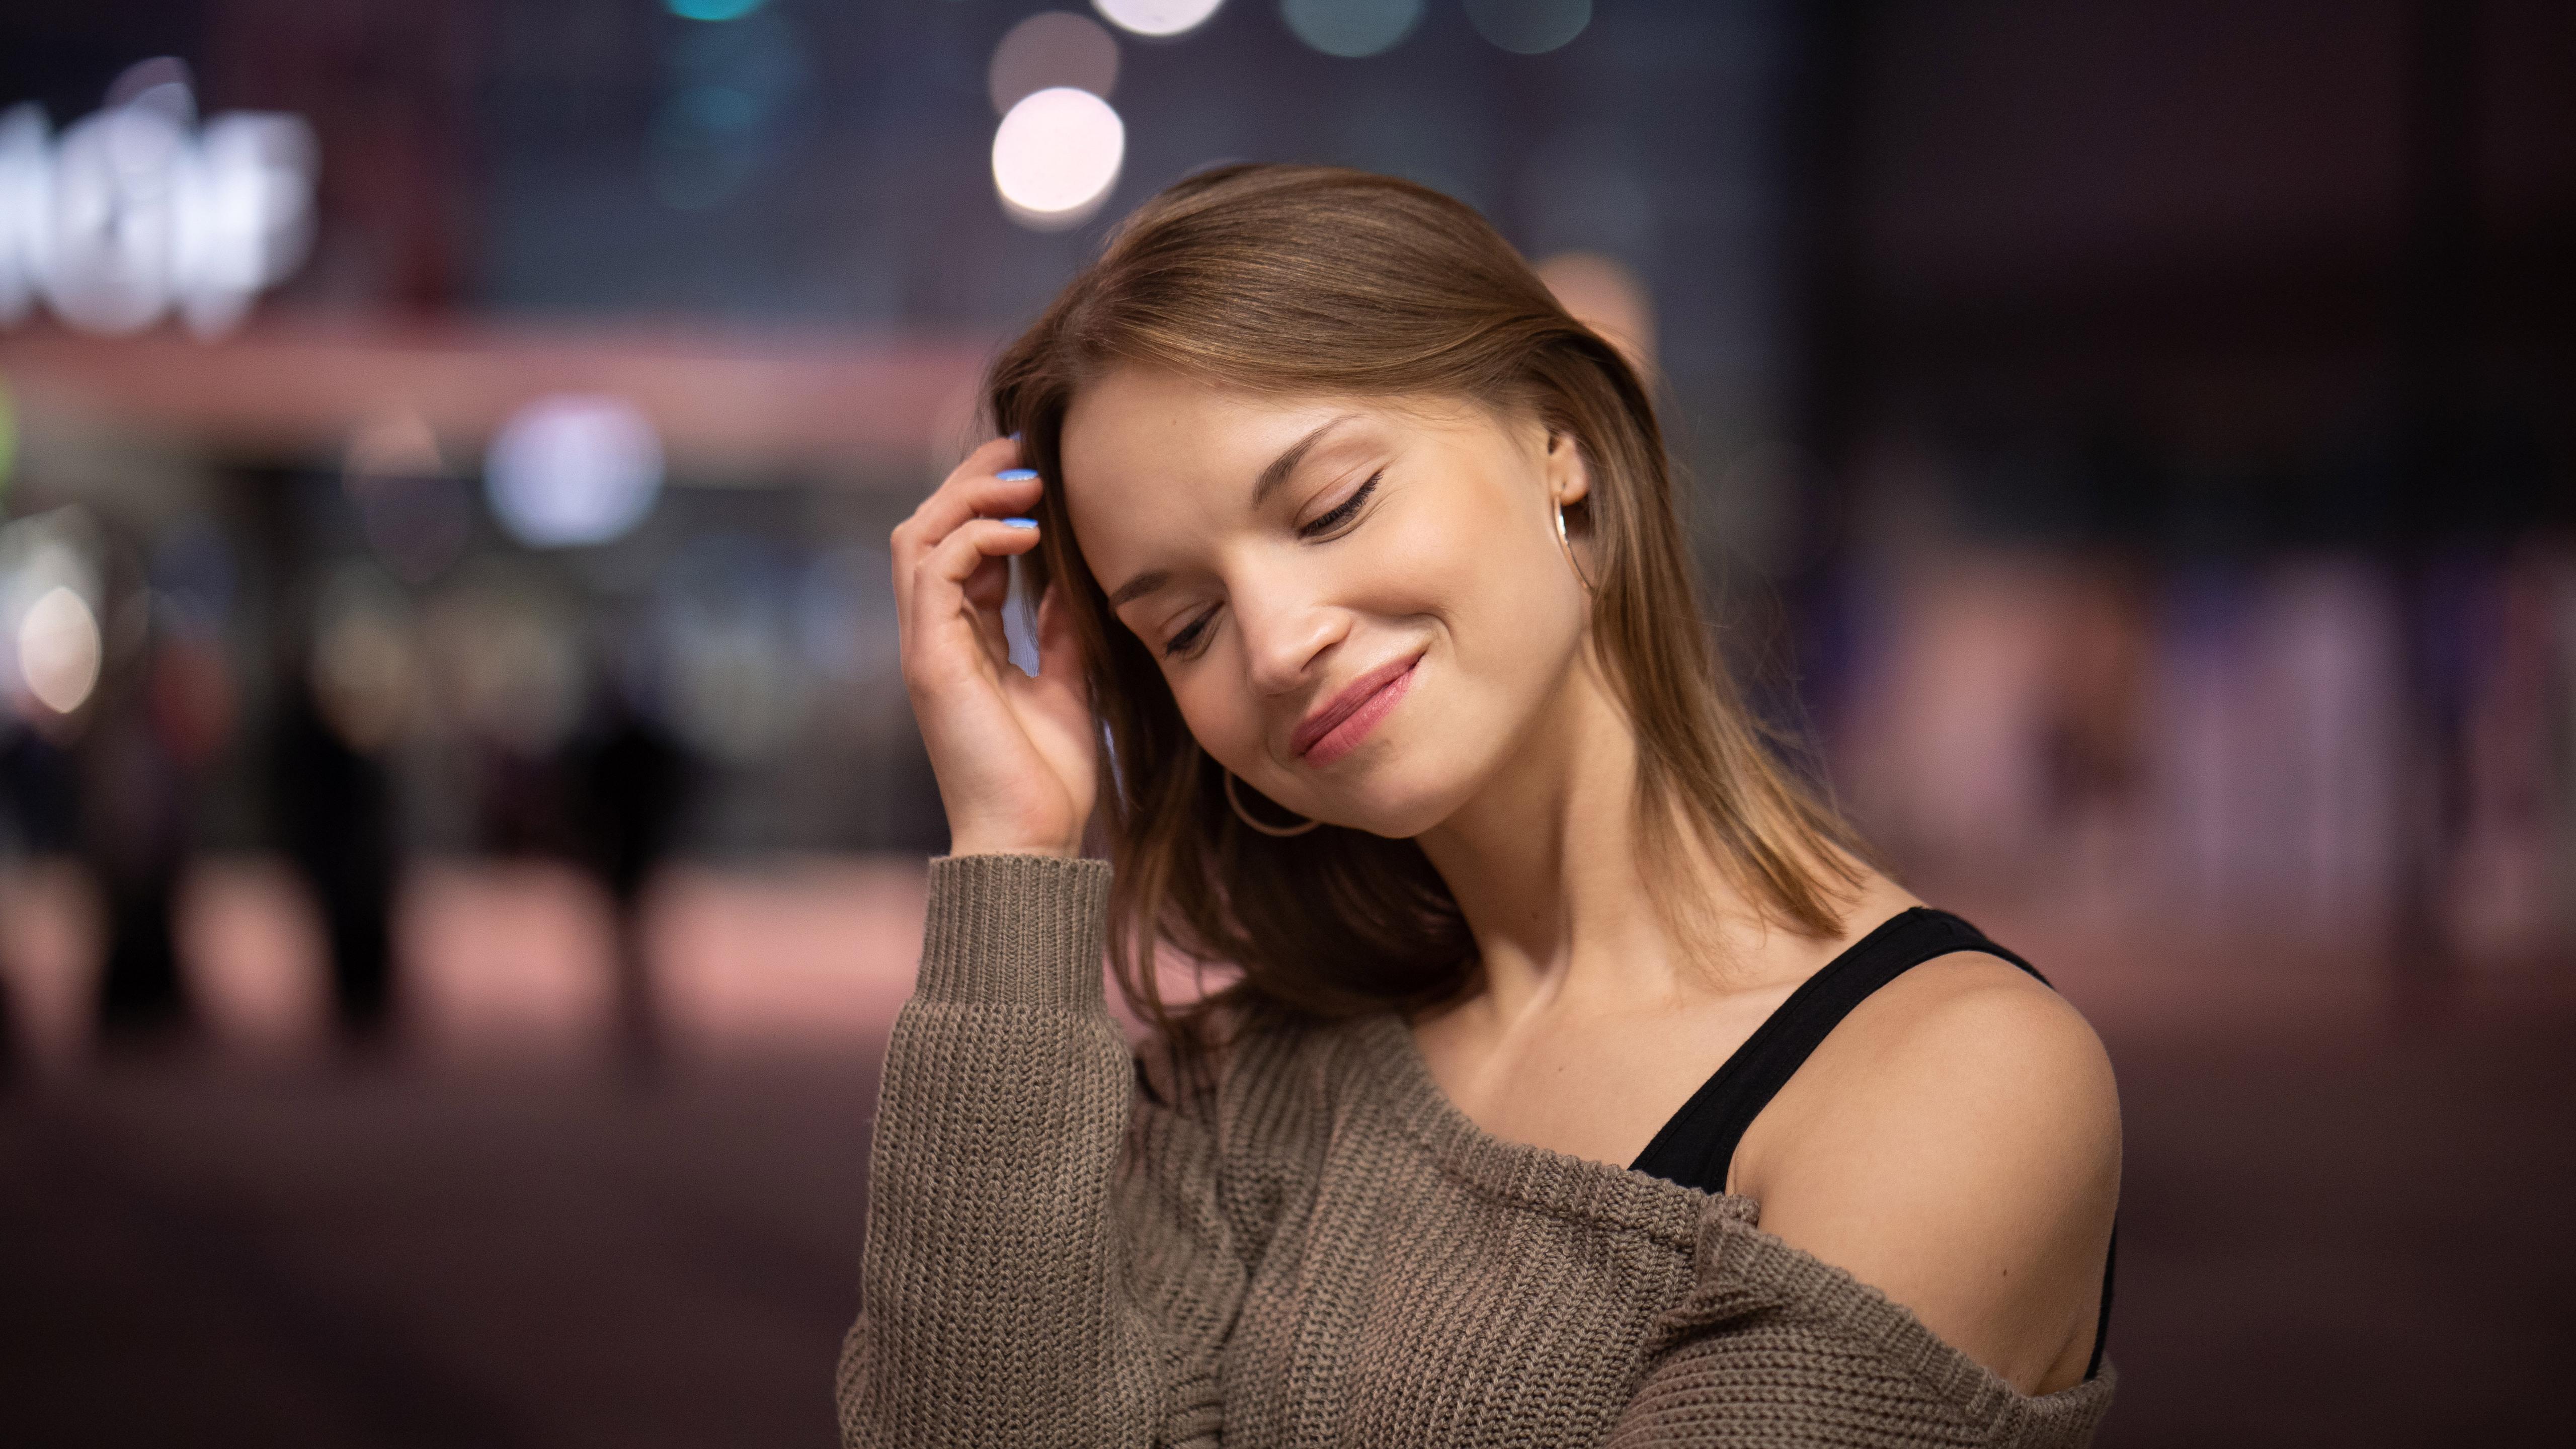 beautiful-girl-smiling-5k-sh.jpg